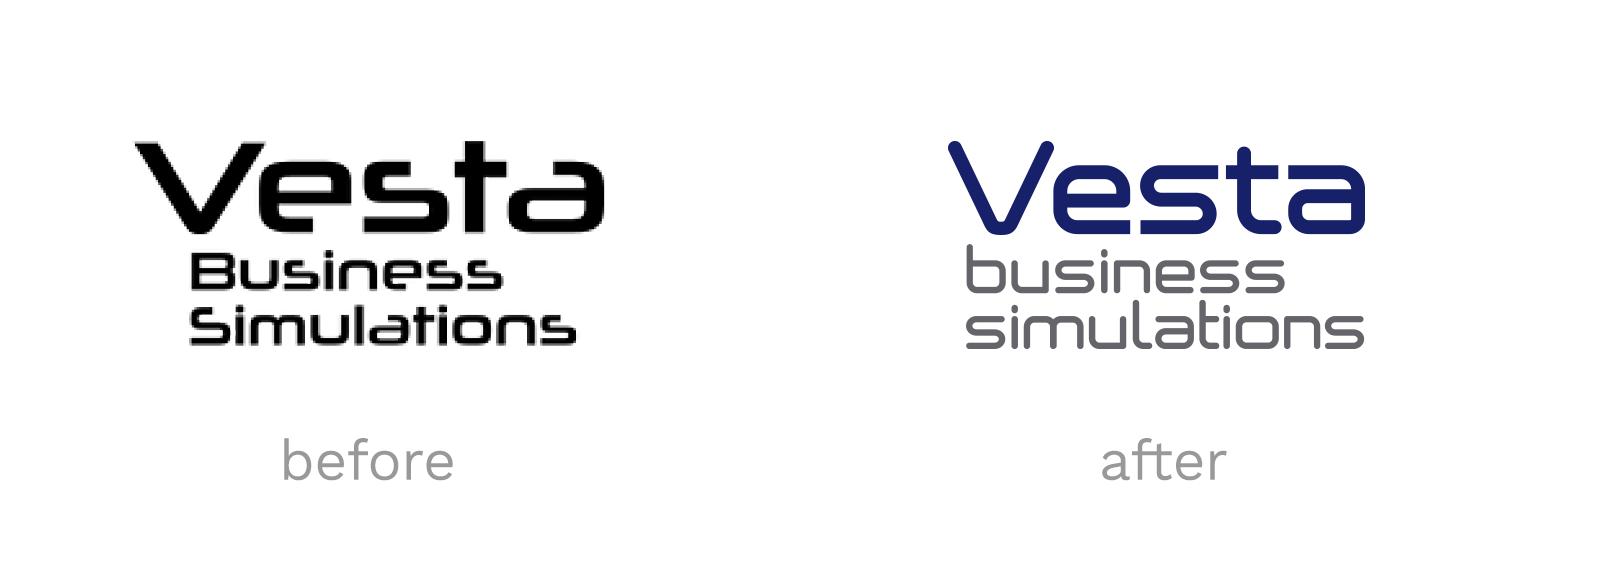 vesta bs before & after